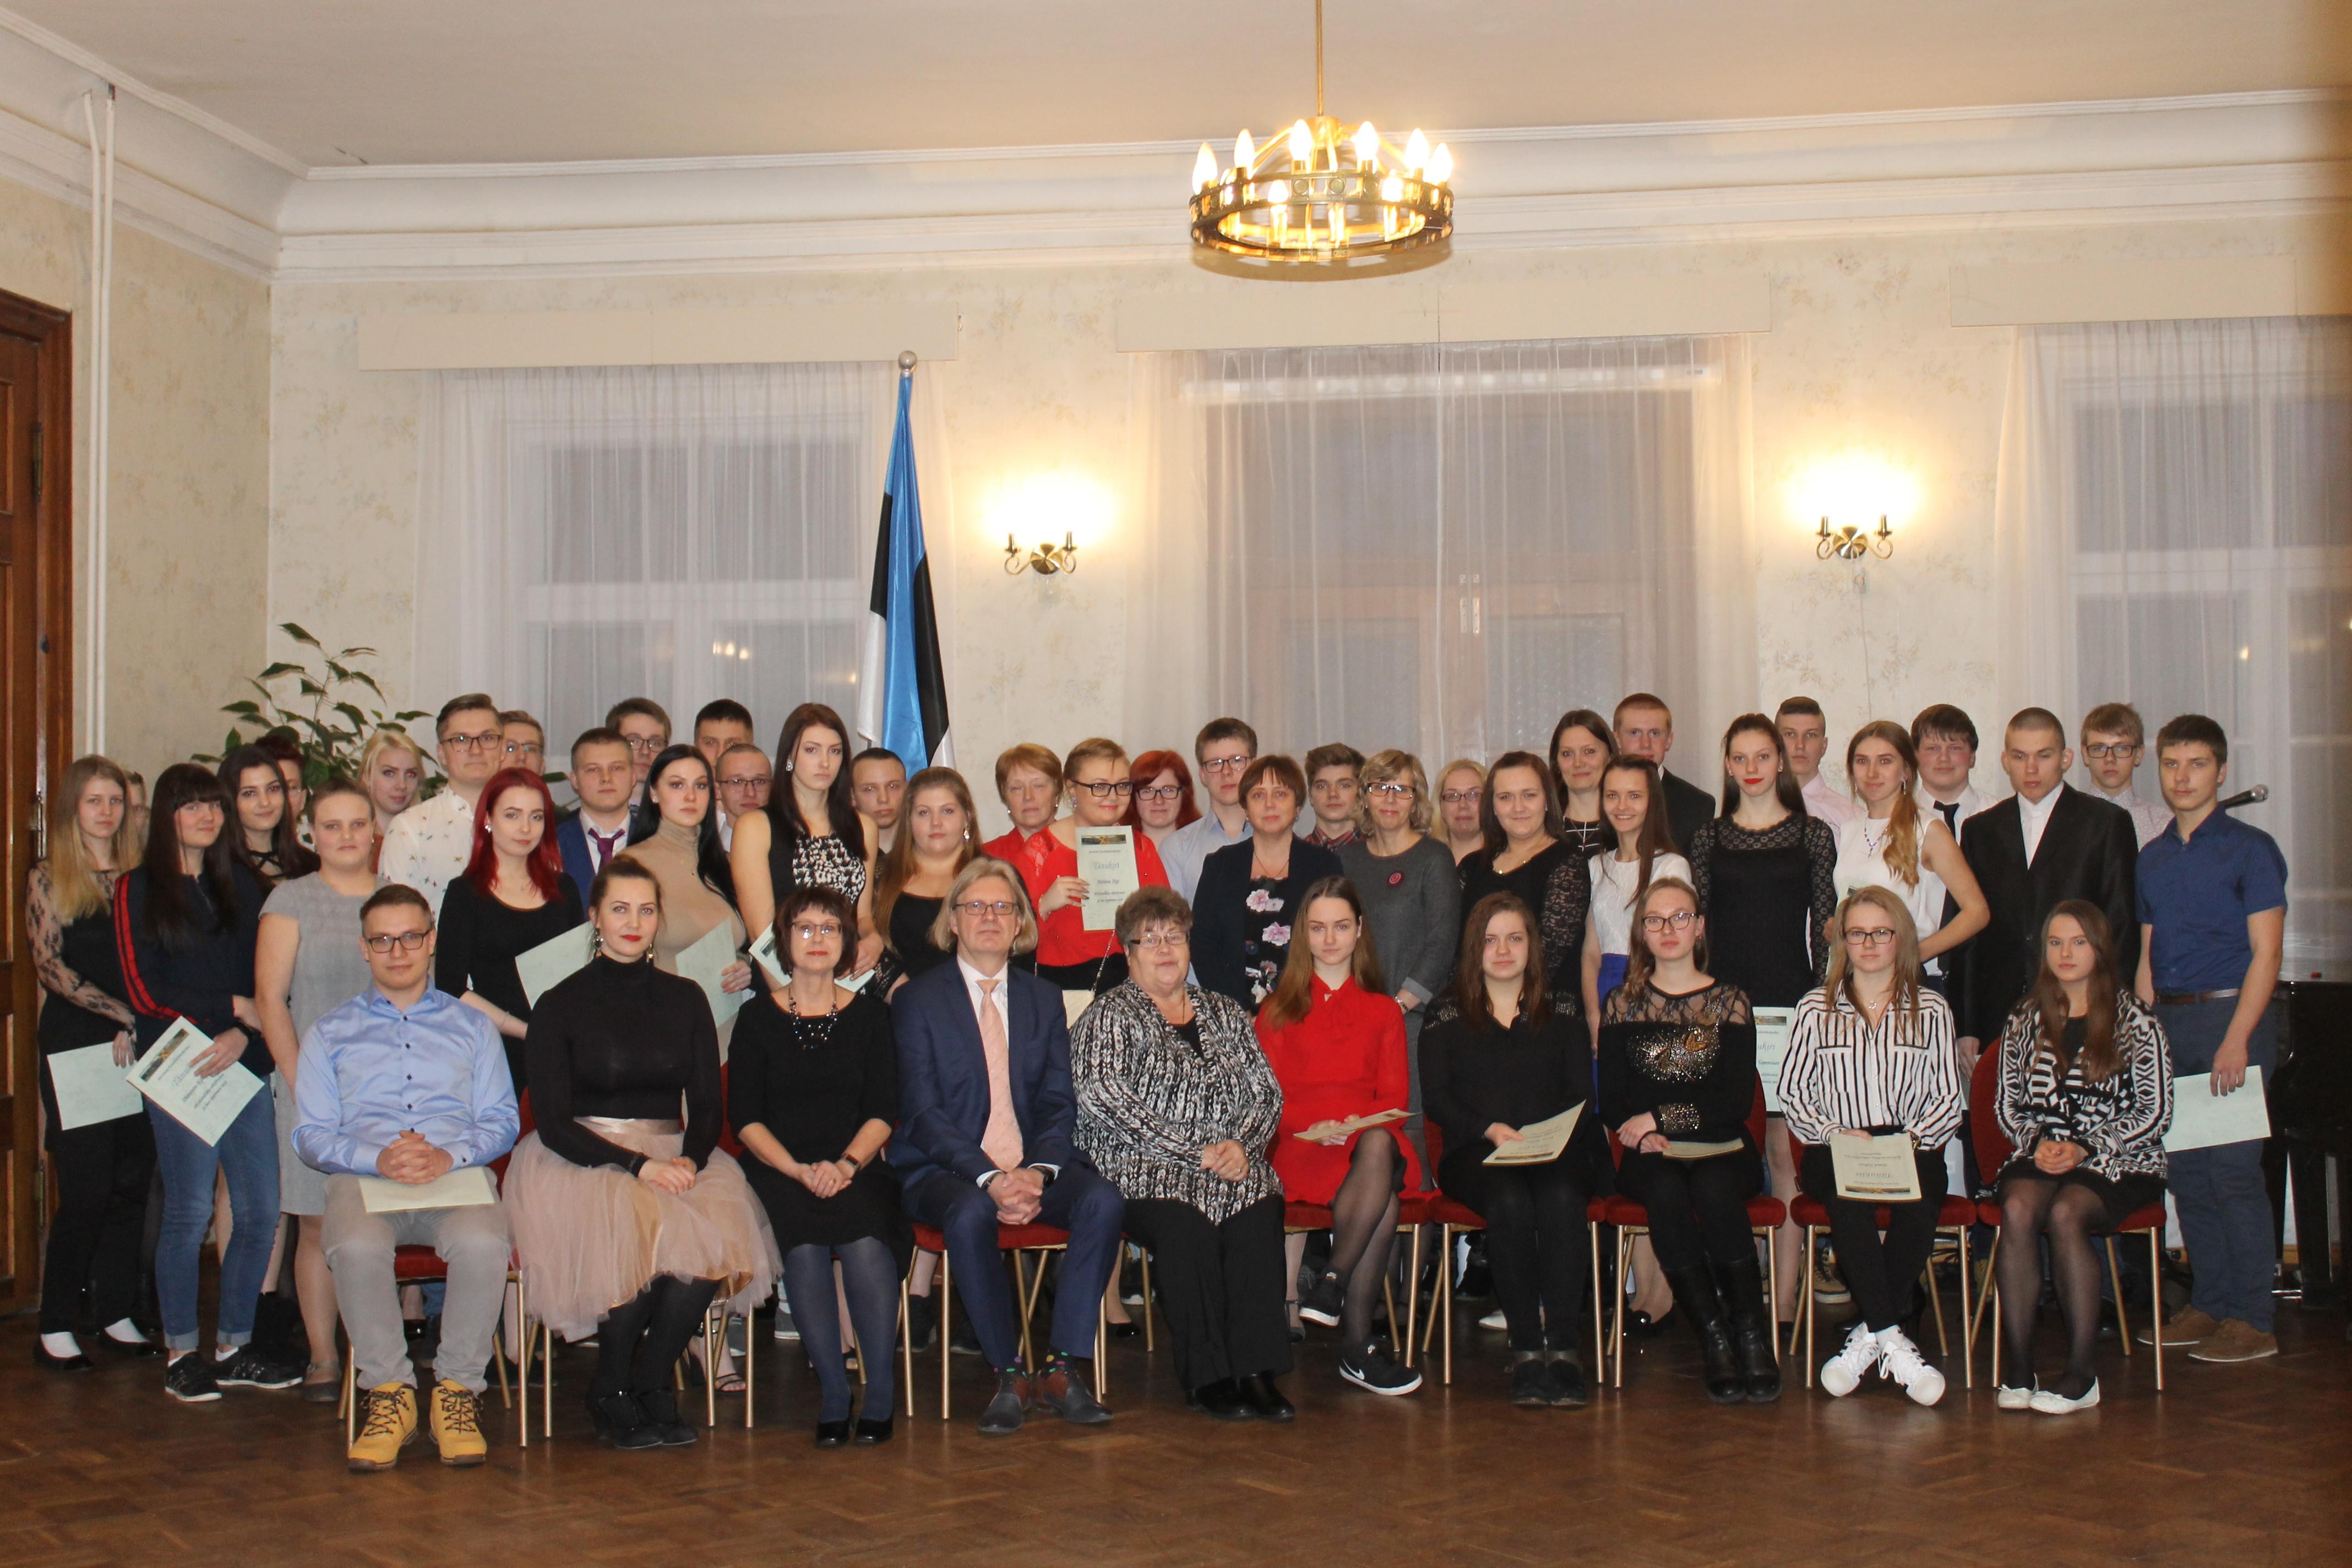 Järvamaa Kutsehariduskeskuse EV101 aktusel direktor, õpetajad ning tunnustada saanud õpilased.